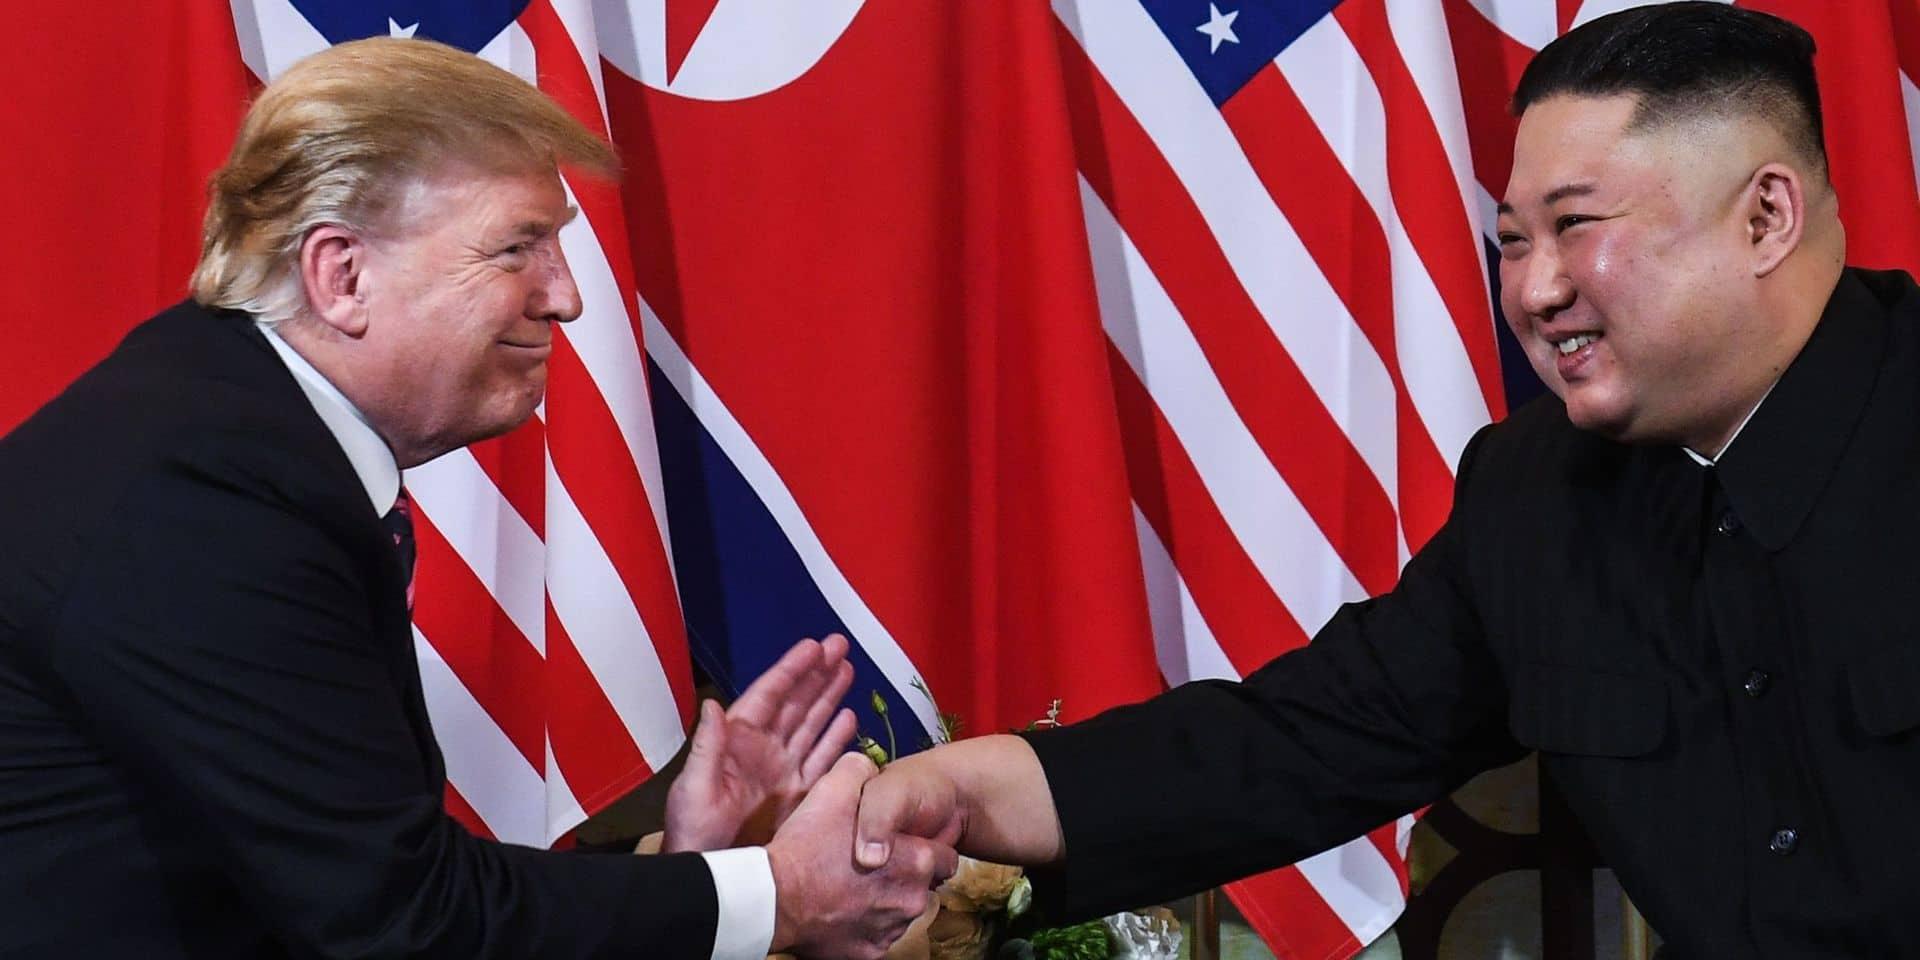 Quelle attitude pour les Etats-Unis face à la Corée du Nord ? Donald Trump a compliqué la situation